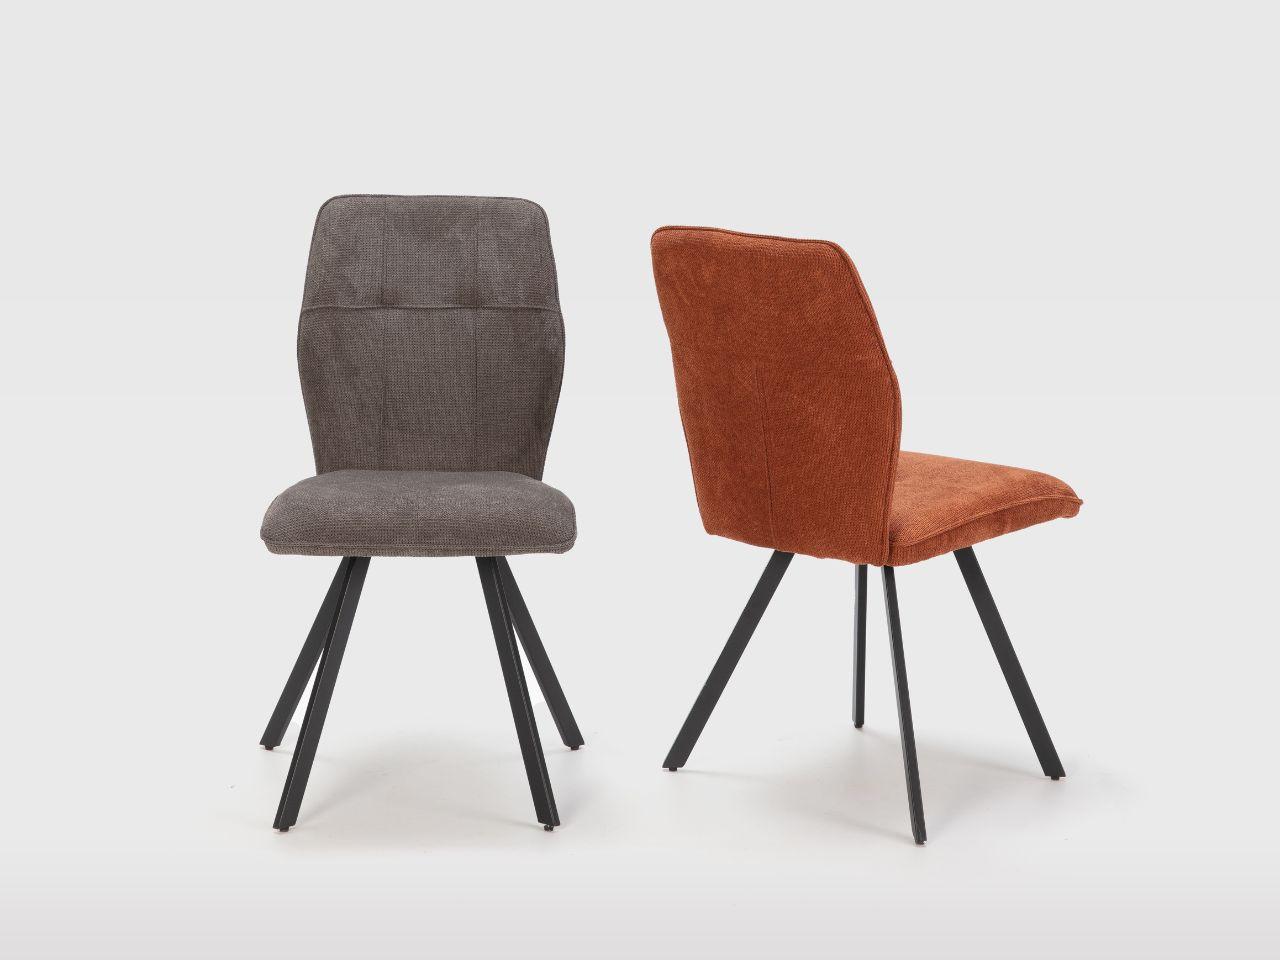 Donde comprar sillas de comedor baratas dentro sillas for Sillas modernas de metal para comedor